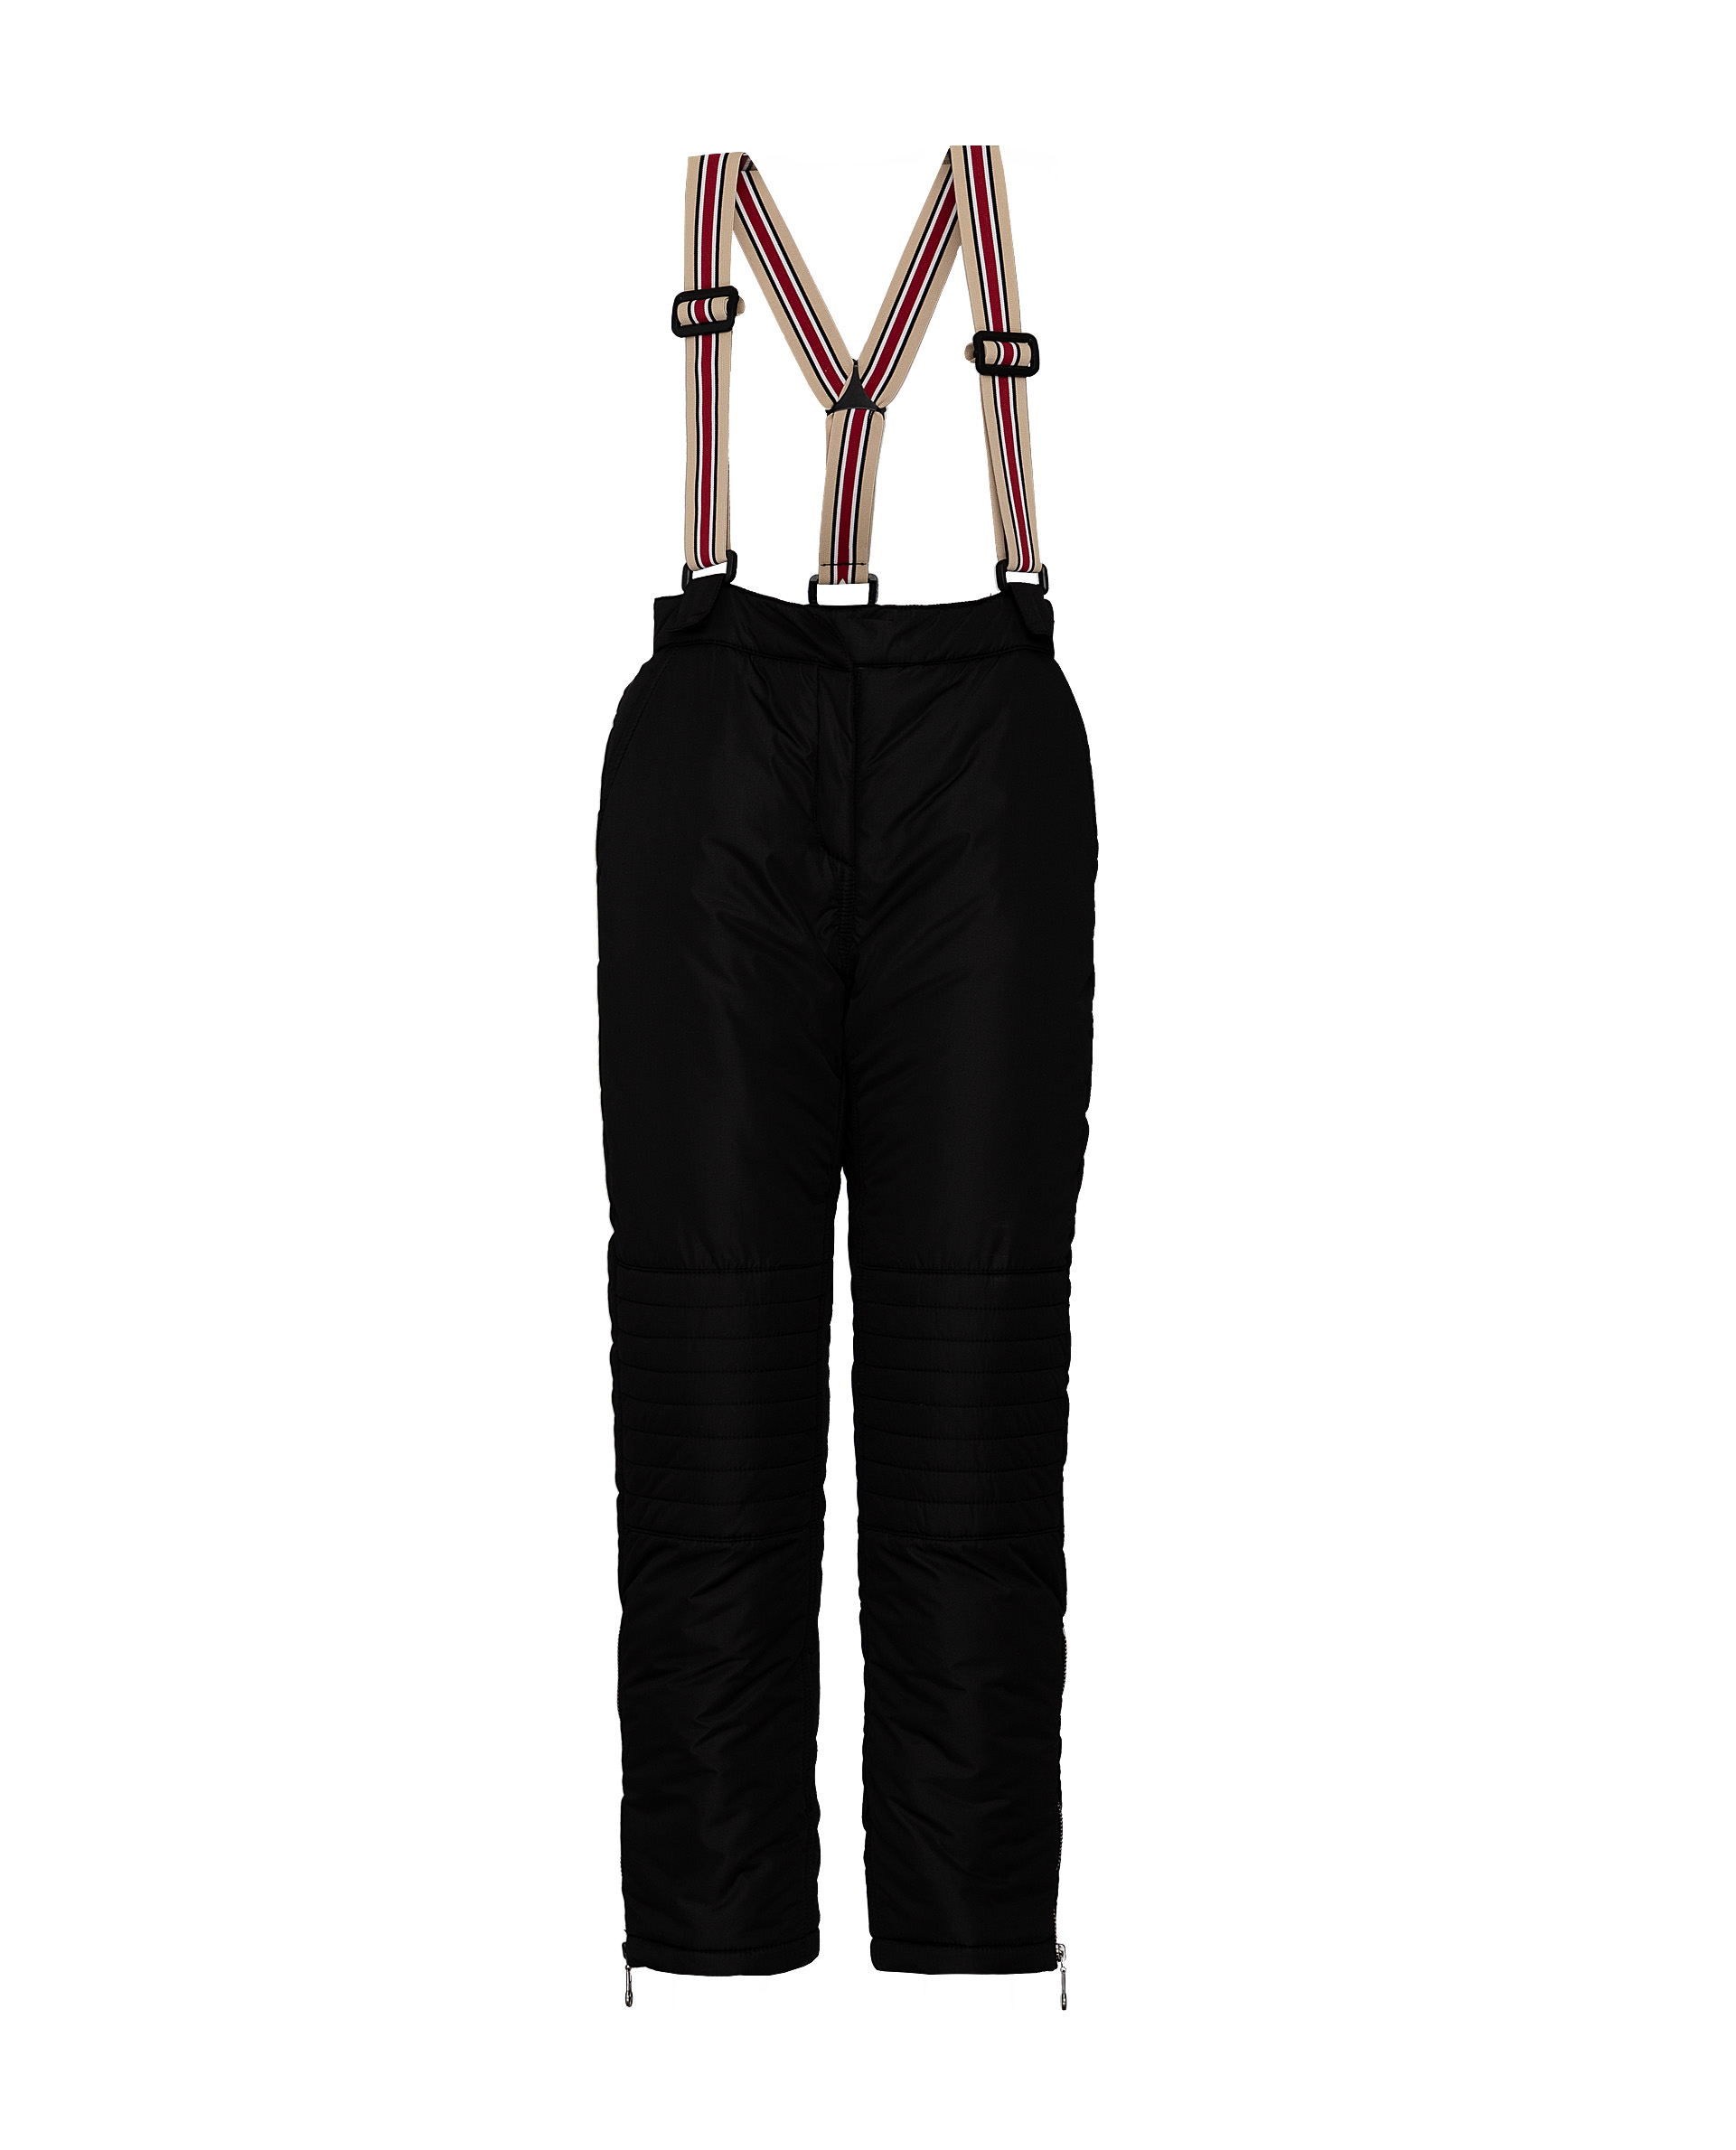 Утепленные брюки для девочек Gulliver, цв. черный, р.170 21908GJC6406